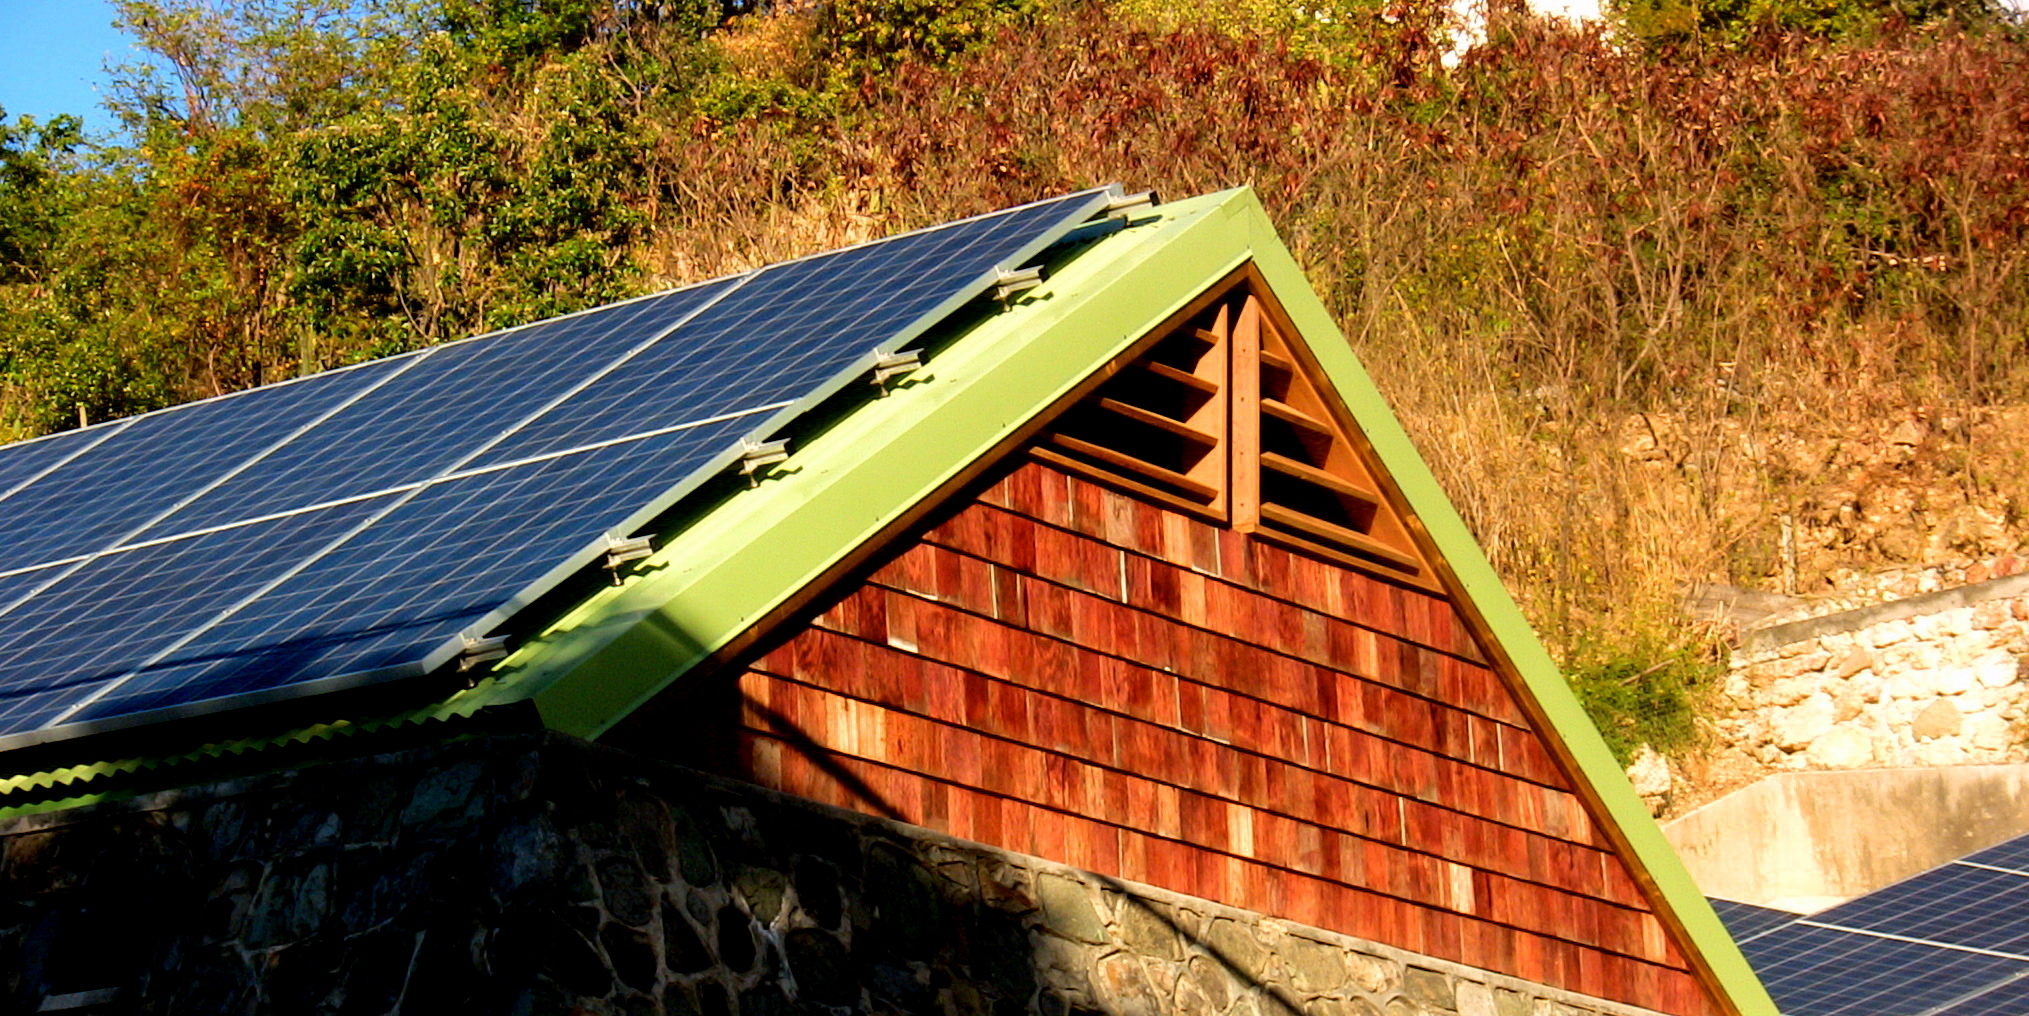 Toit solaire photovoltaïque